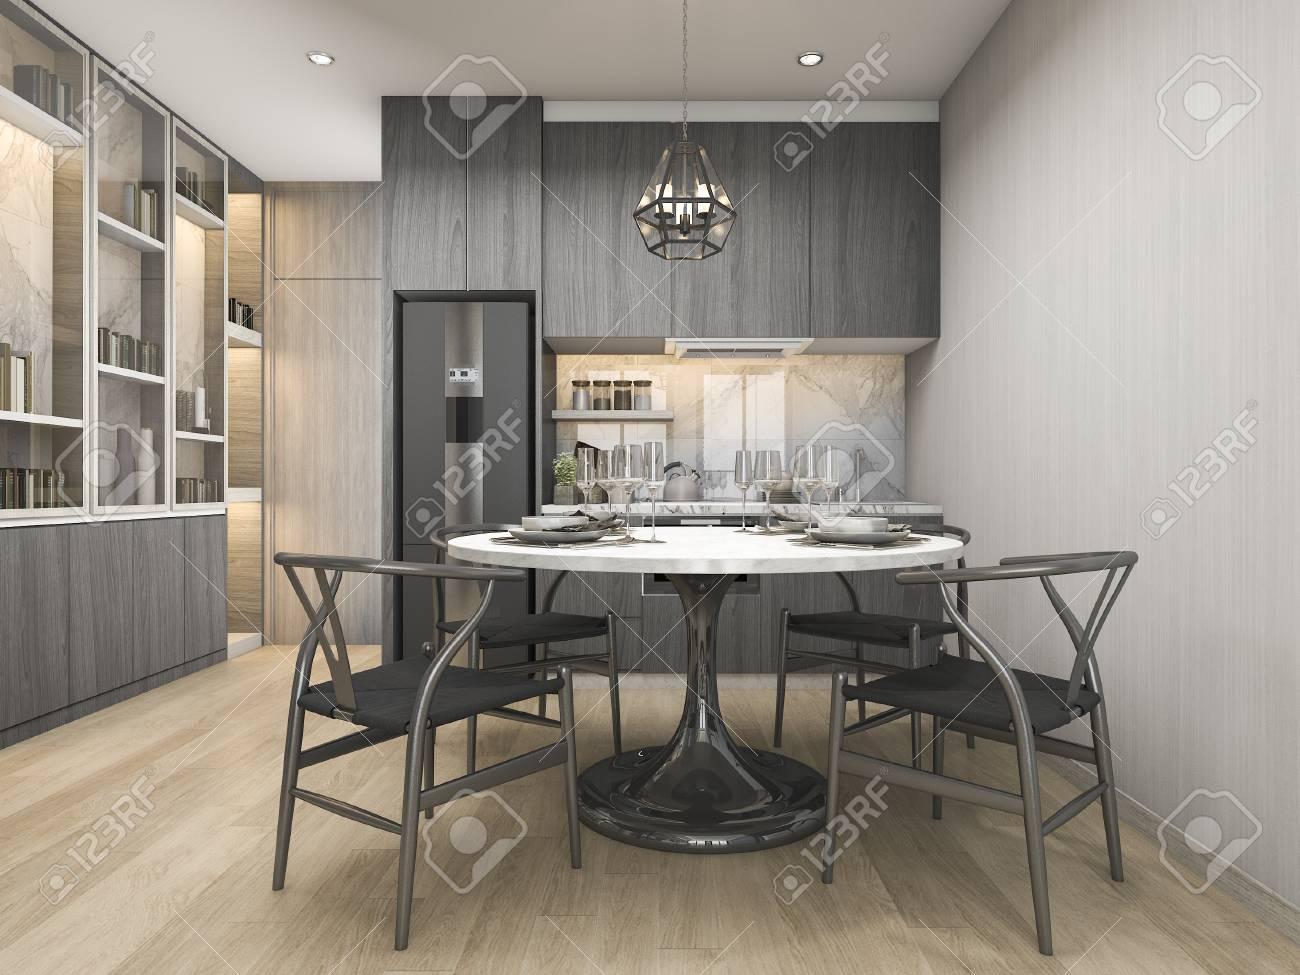 3d que rinde la cocina blanca moderna y de lujo del diseño con la mesa de  comedor y el estante